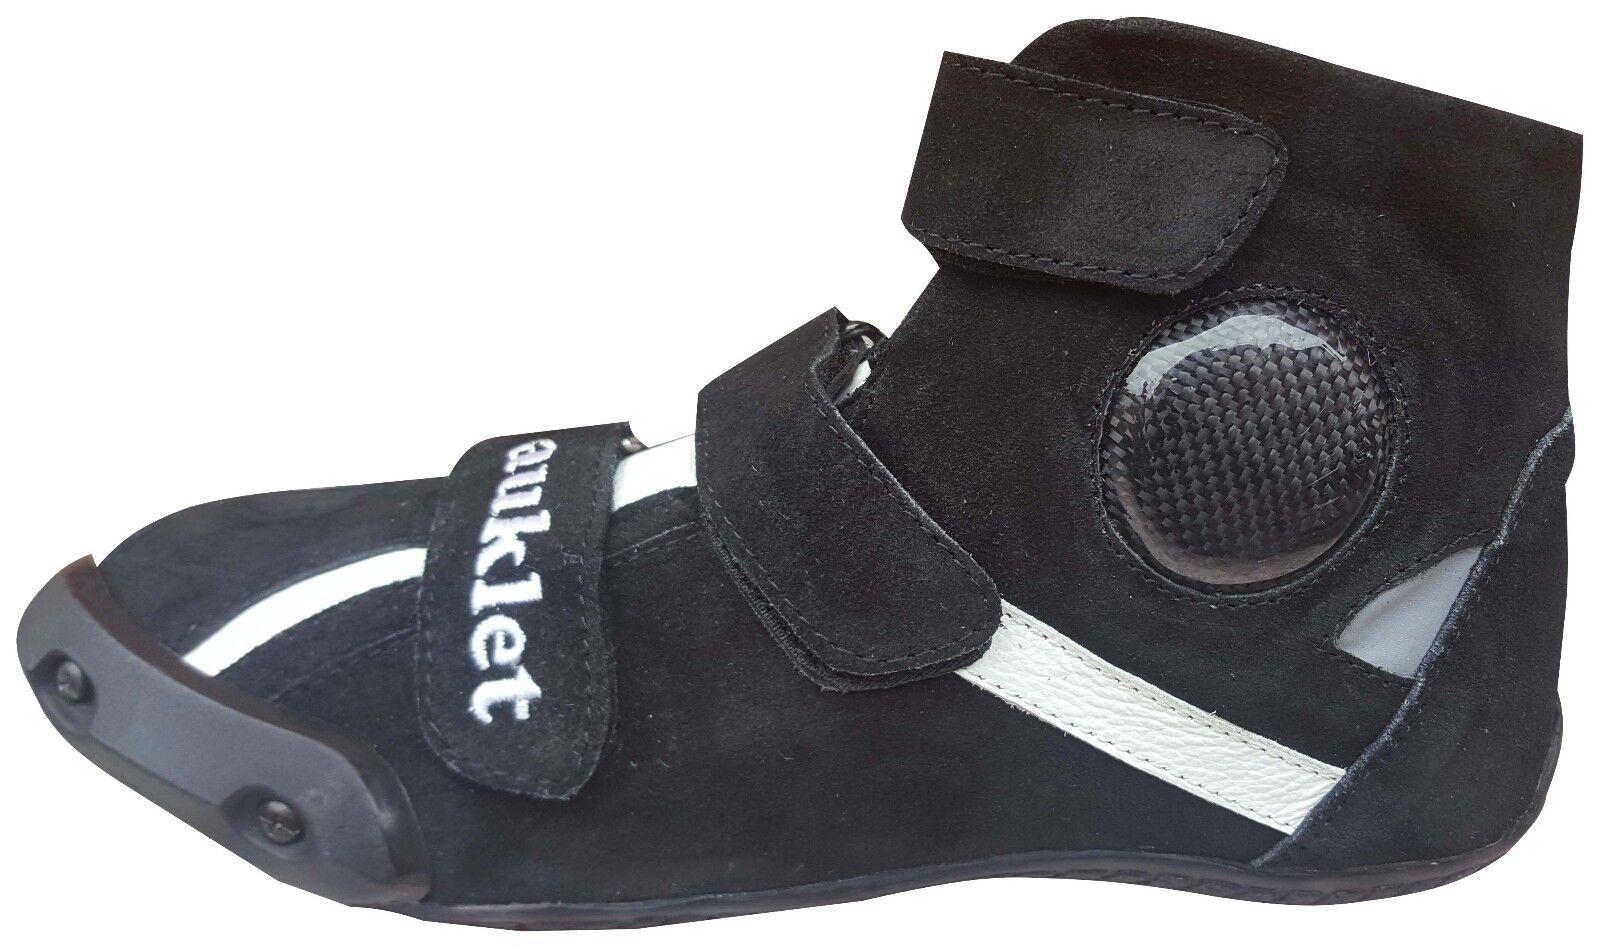 STIVALI scarpe minimoto Auklet scarpette MINI moto BAMBINO e ADULTO TAGLIA 30